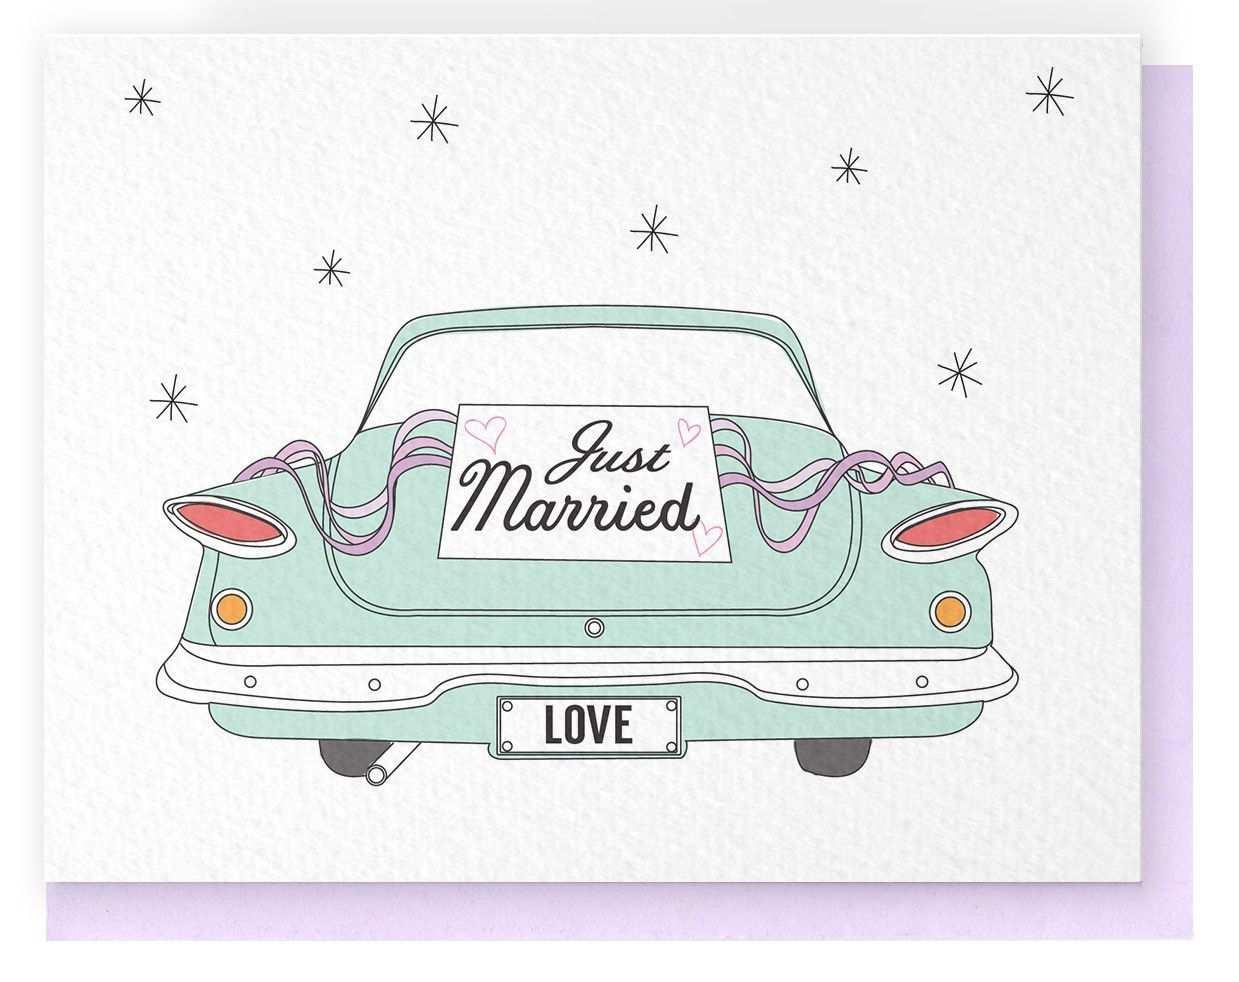 Just Married Car Frisch Verheiratet Auto Geldgeschenke Hochzeit Basteln Frisch Verheiratet